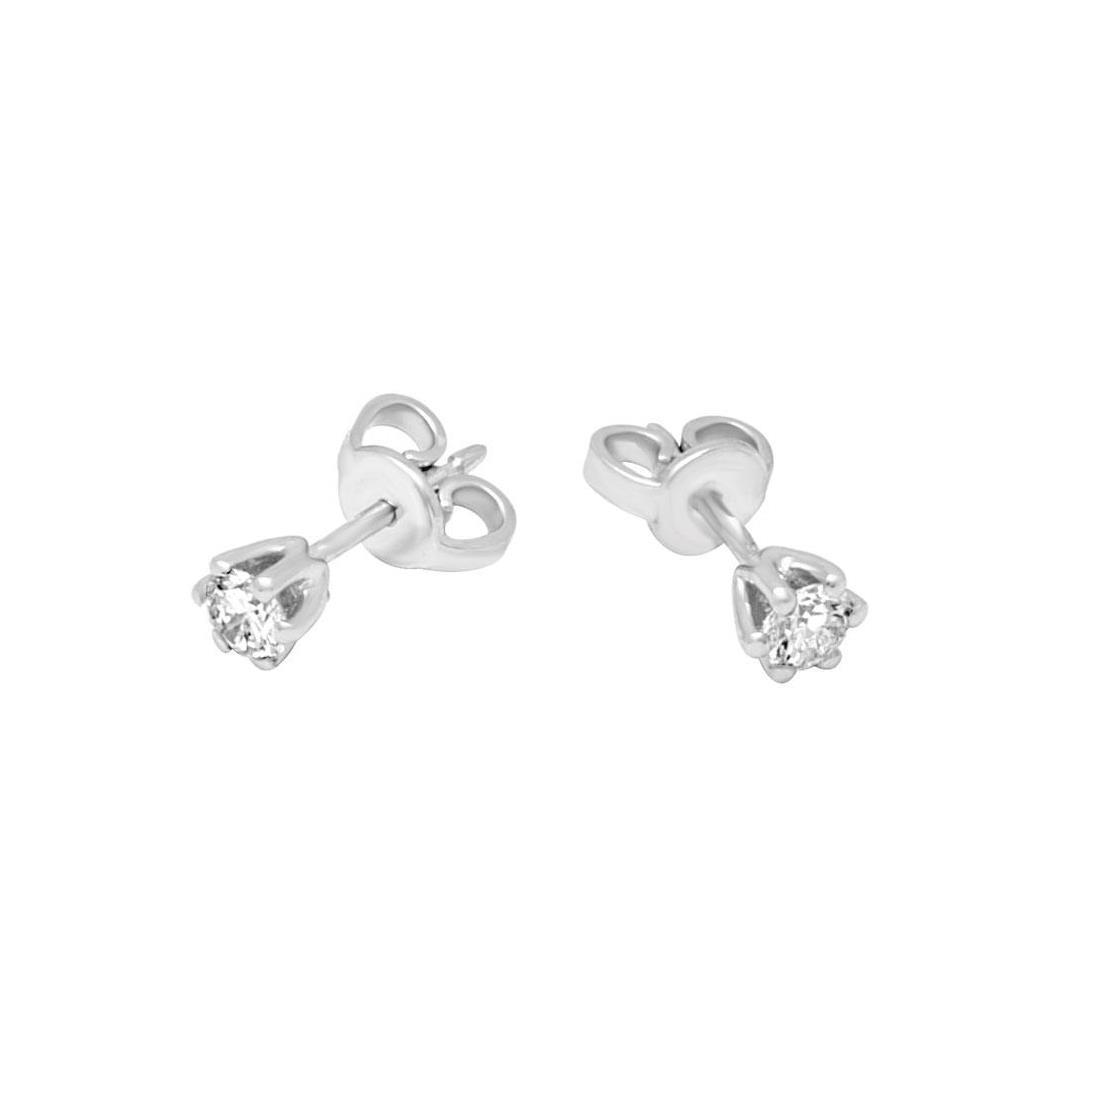 Orecchini Alfieri & St john in oro bianco con diamanti ct 0,40 - ALFIERI & ST. JOHN